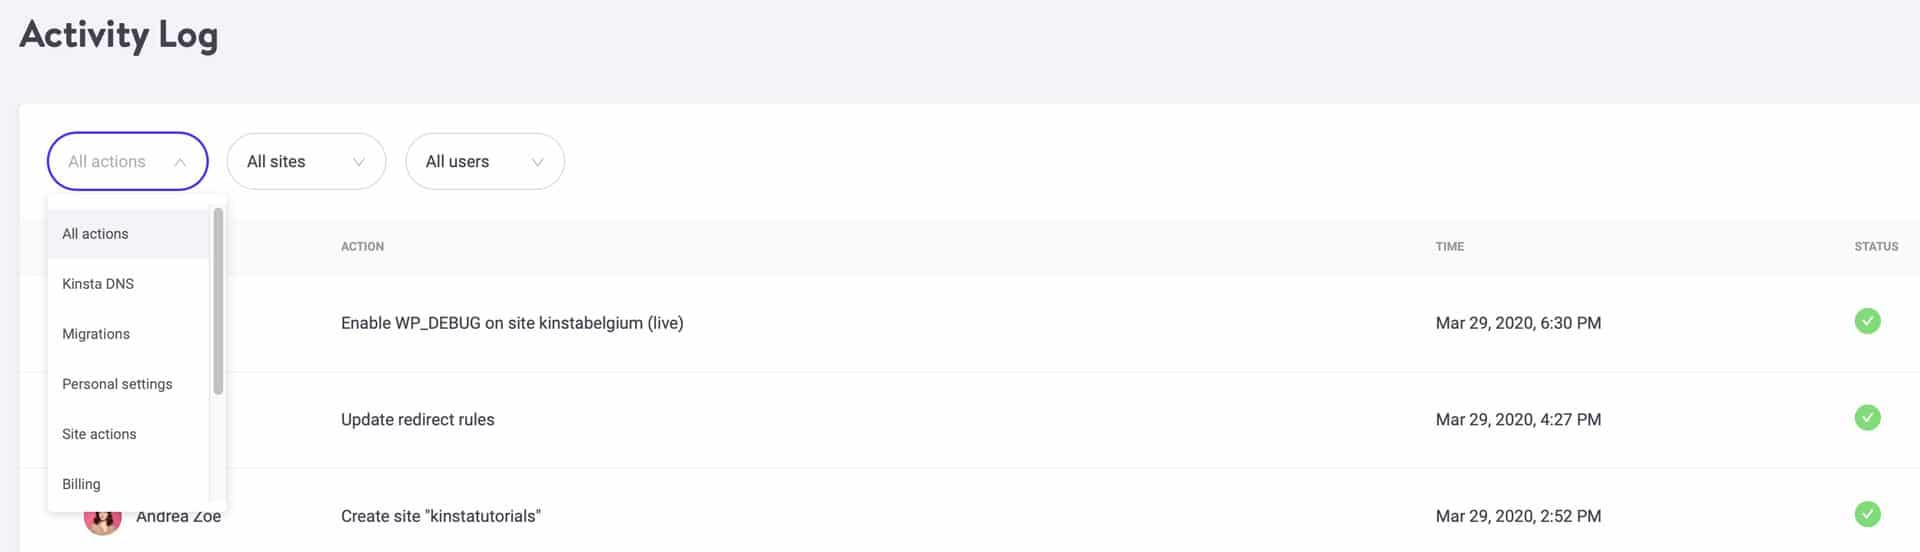 Kategori filter til aktivitetsloggen MyKinsta.